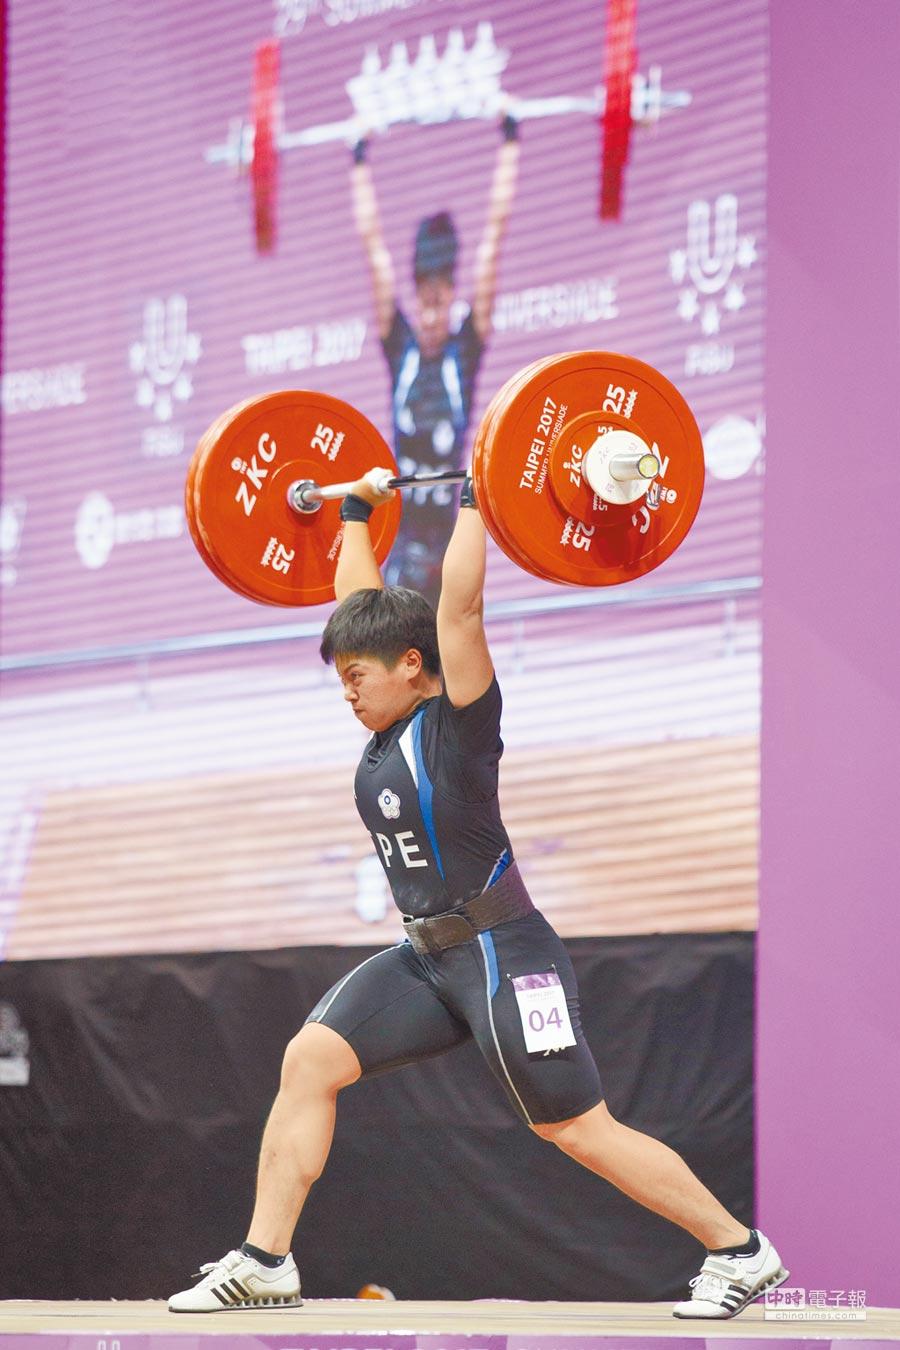 女子舉重項目69公斤級中華隊選手洪萬庭23日以抓舉101公斤、挺舉126公斤,總和227公斤拿下金牌。(本報系記者杜宜諳攝)